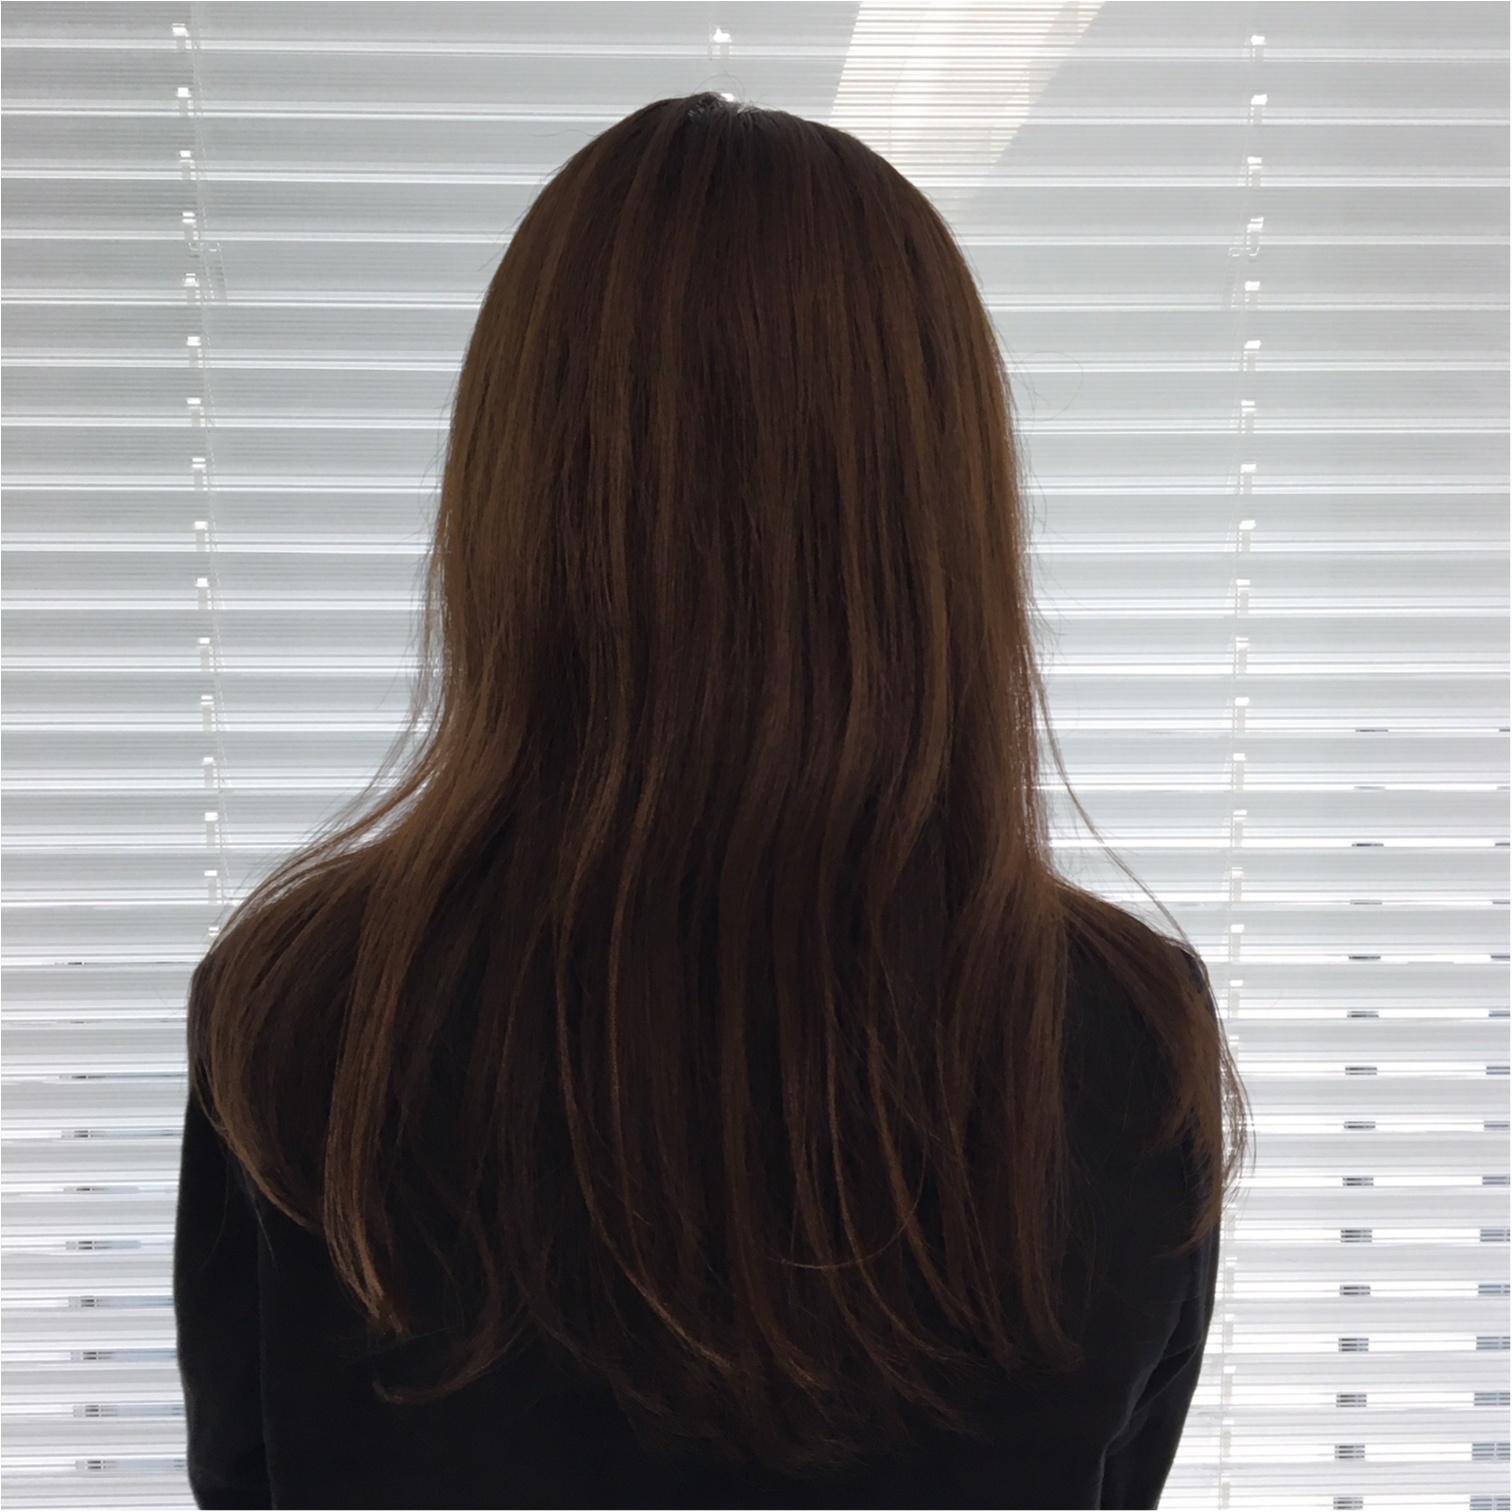 ライターみかりんの「わがままヘア」が「するりん素直ヘア」に!!! お出かけ前にシュシュっと♡_2_1